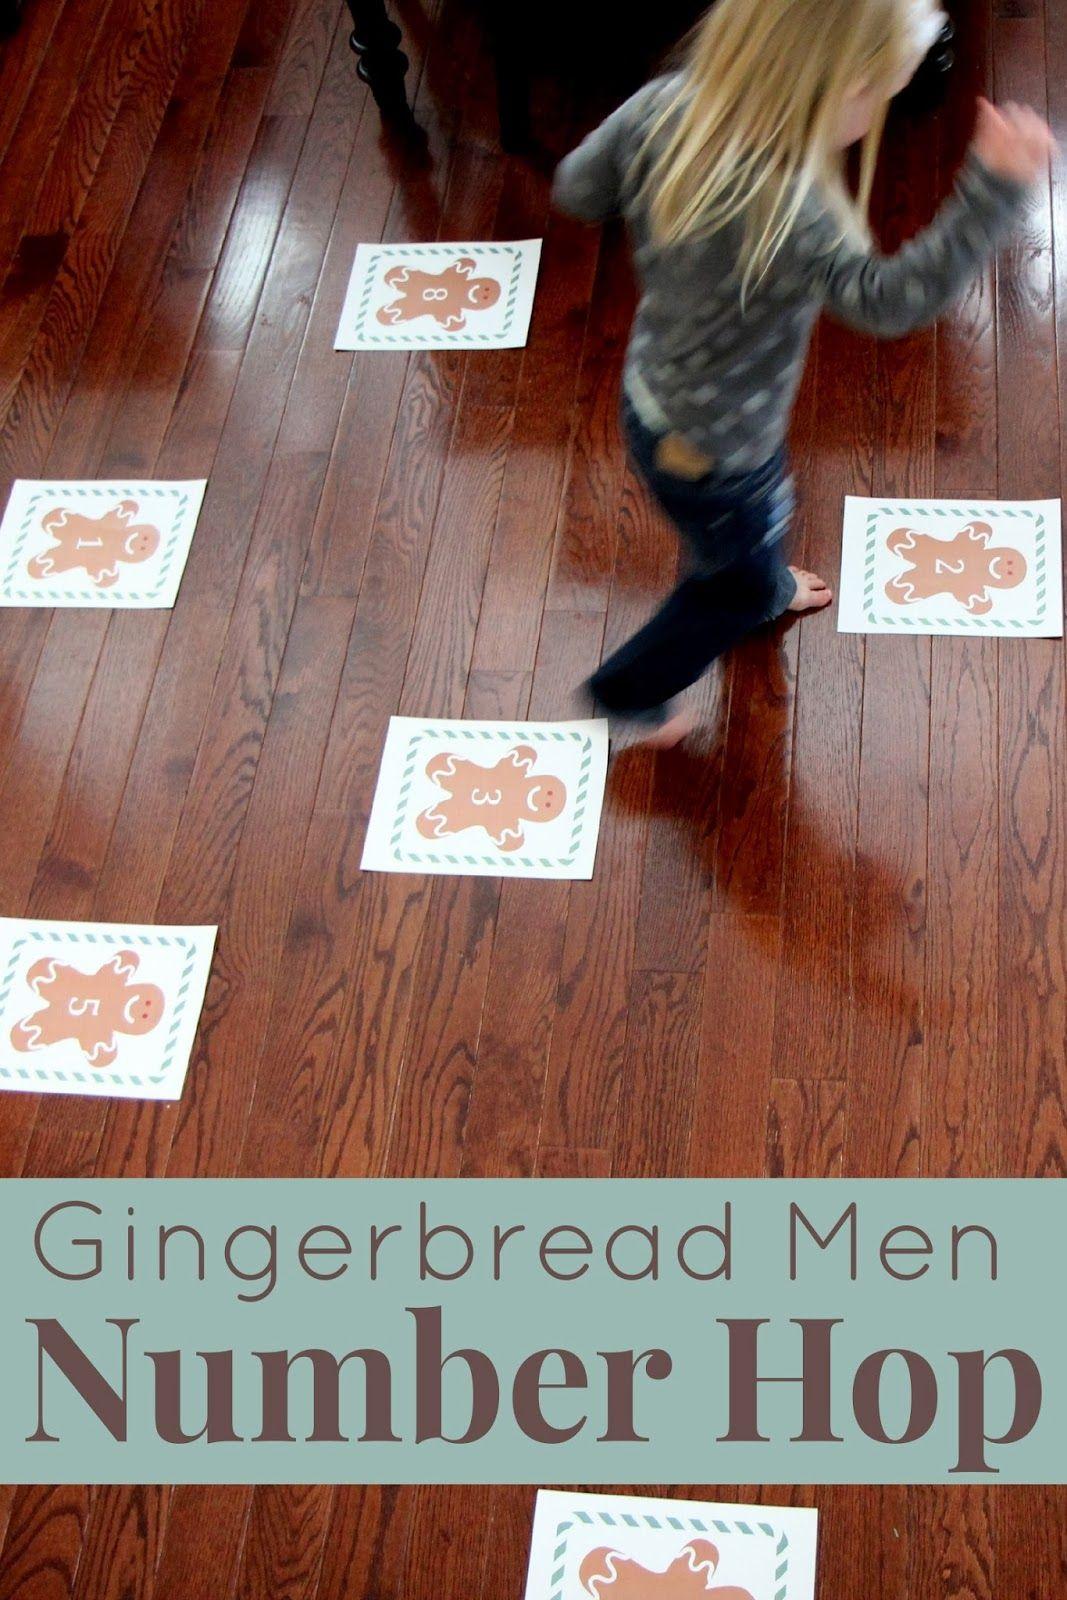 Gingerbread Men Number Hop